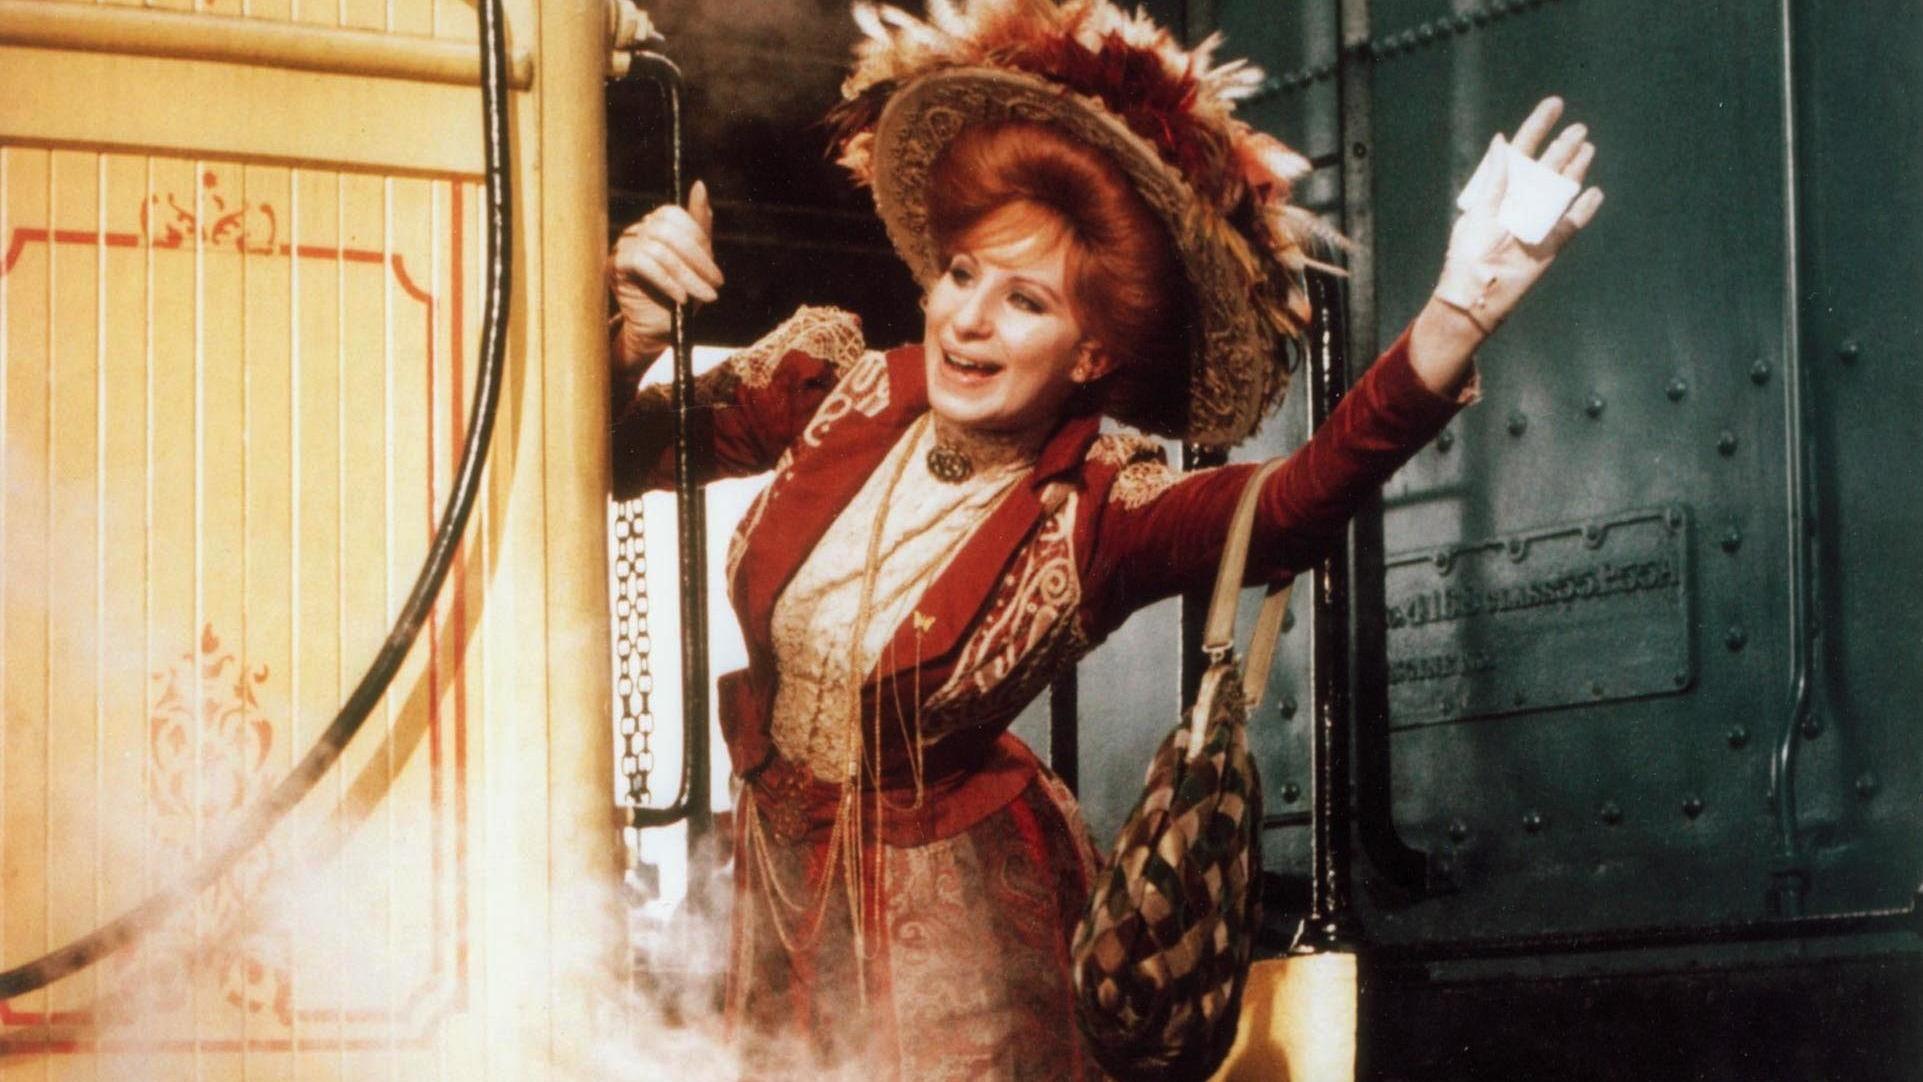 Klassieke film op TV: Funny Lady